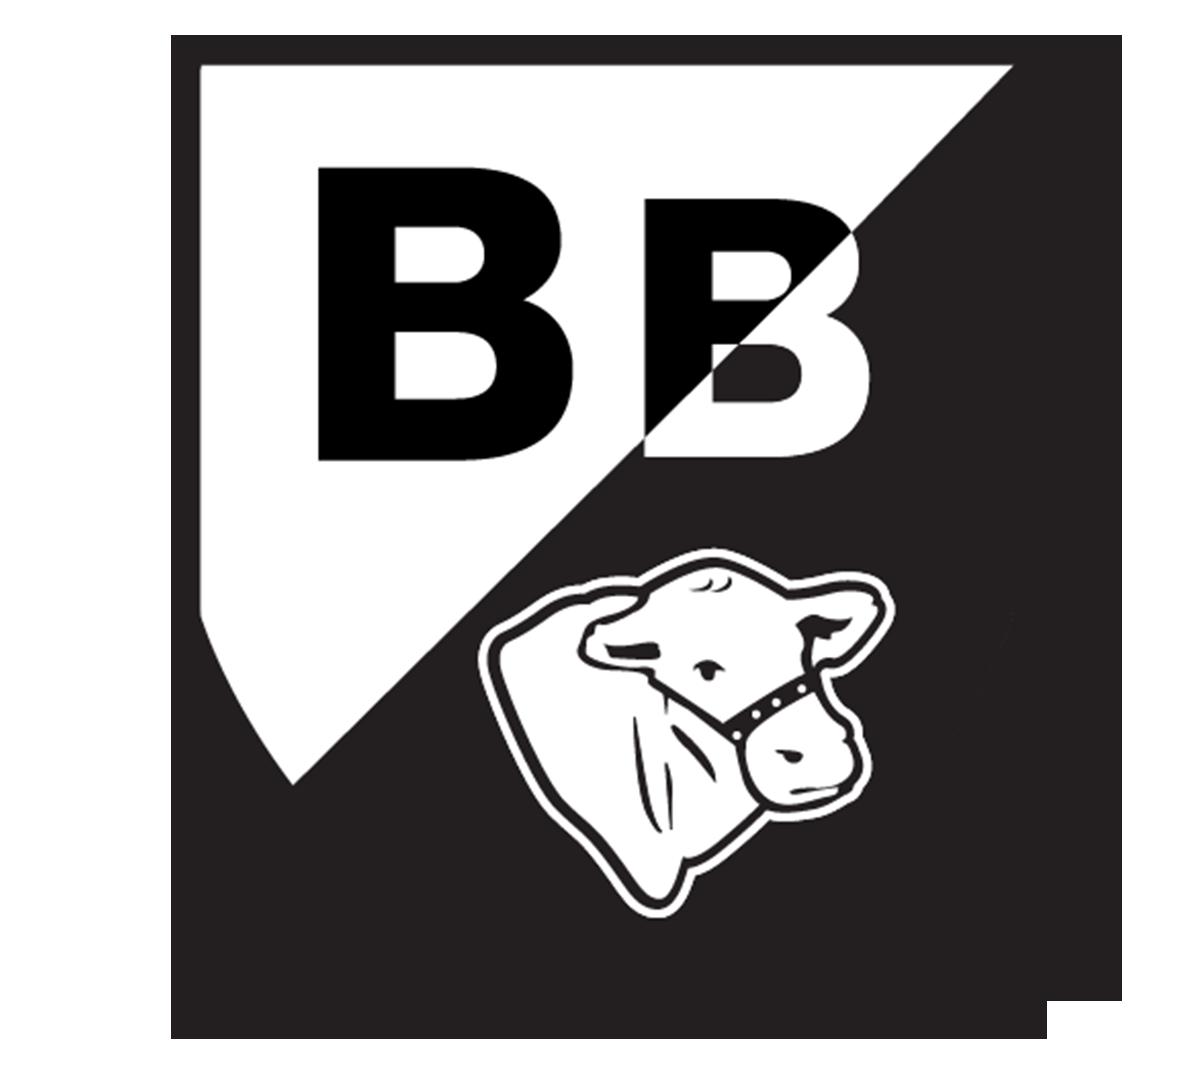 Blackmans Butcher Shop